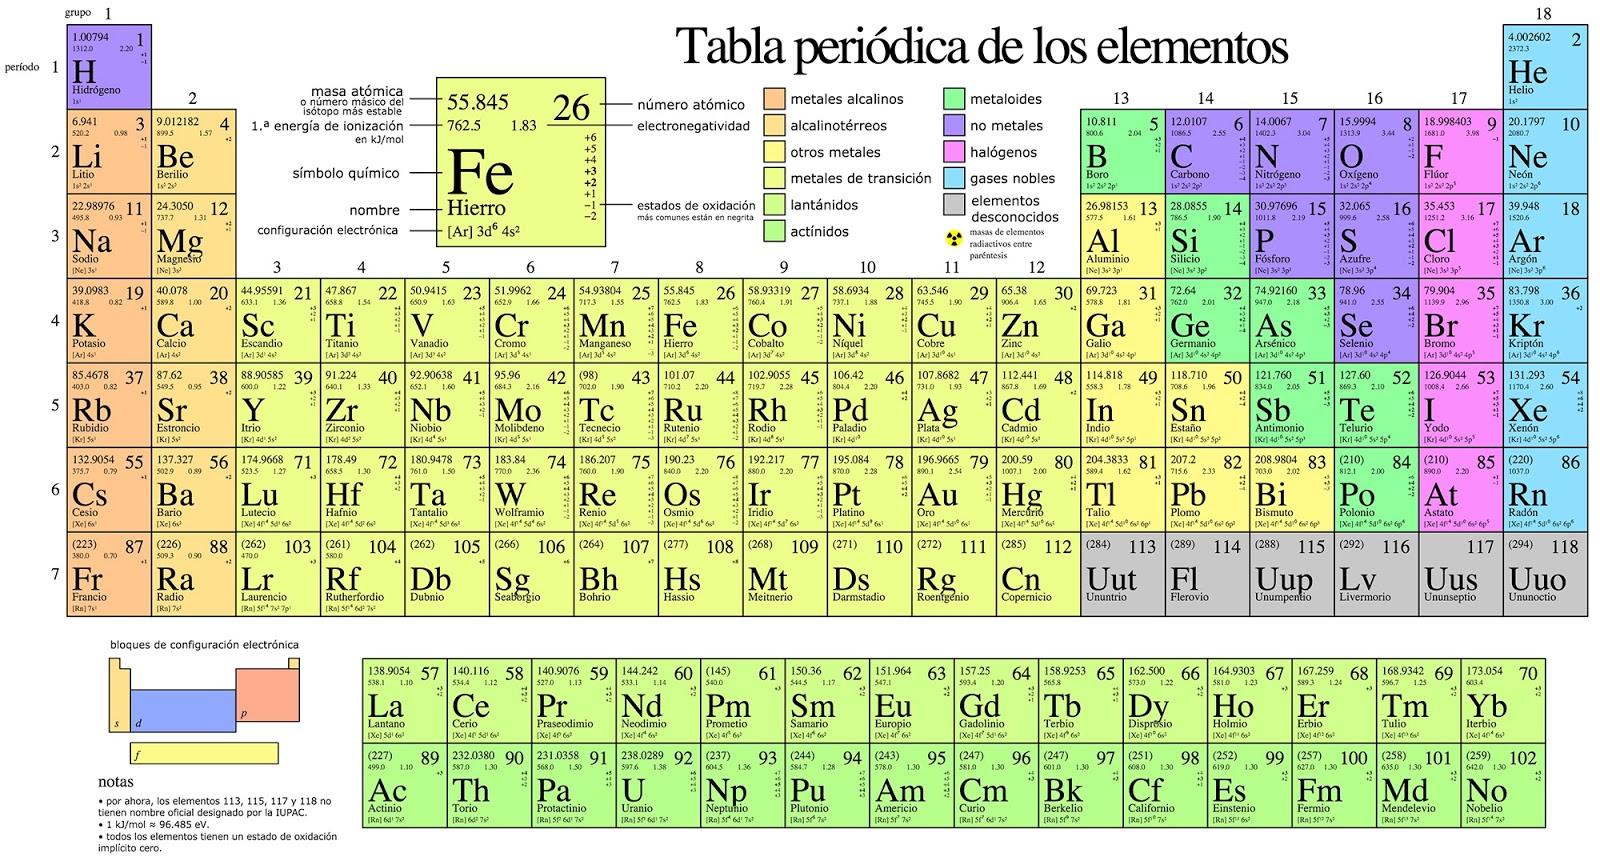 Tabla peridica de los elementos qumicos imgenes e informacin tabla peridica de los elementos qumicos urtaz Image collections